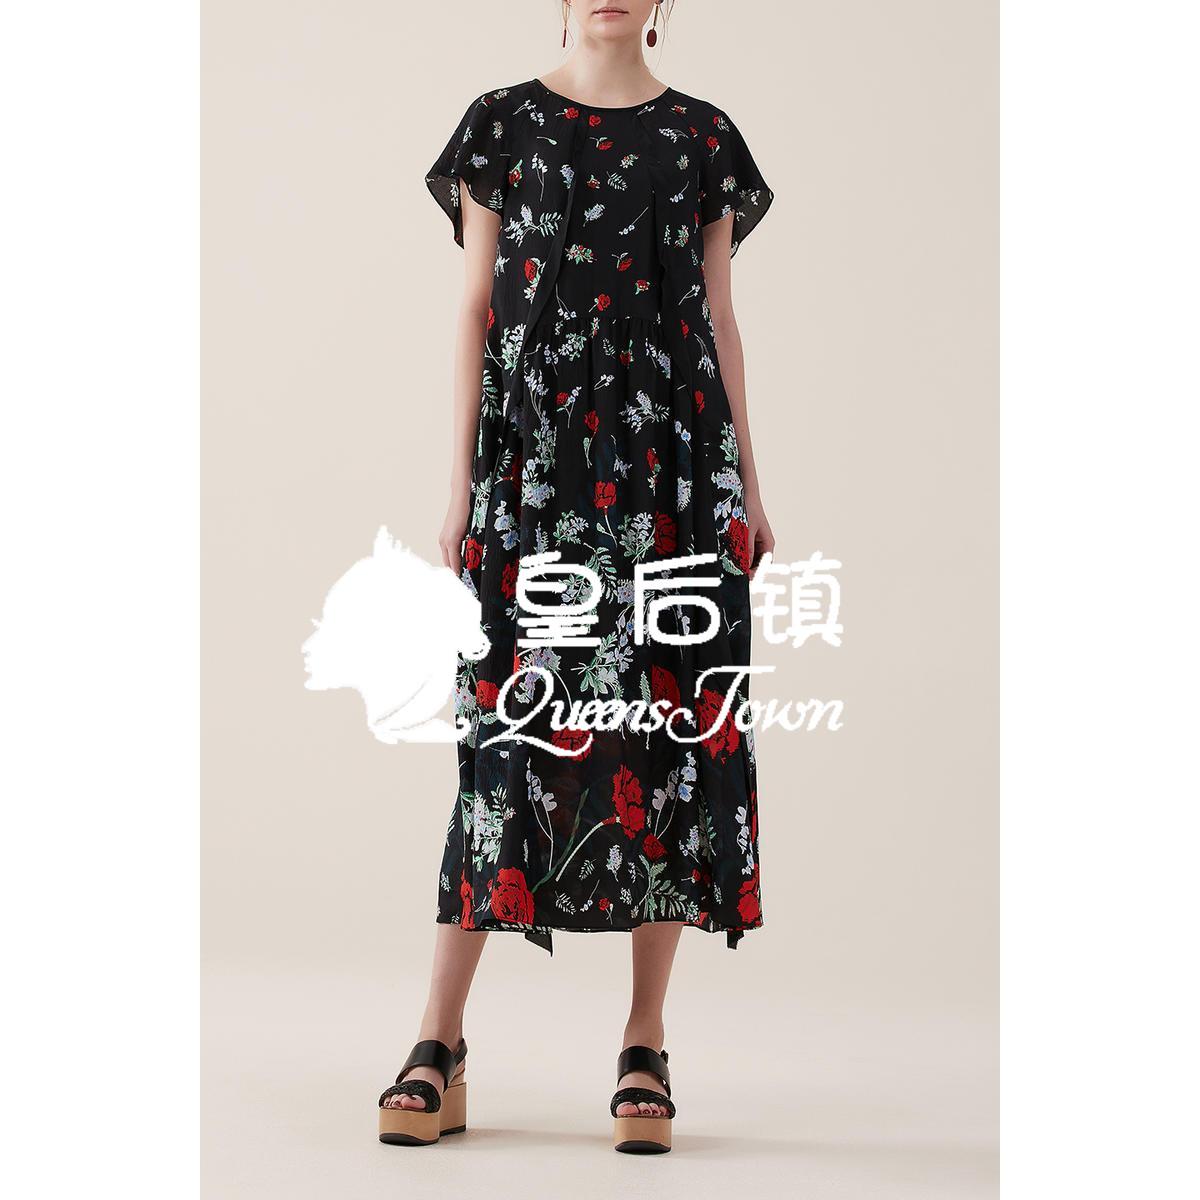 玛丝菲尔女装折扣店 国内代购 玛丝菲尔2020夏季新款专柜正品连衣裙女A1JS23056原4280_推荐淘宝好看的玛丝菲尔